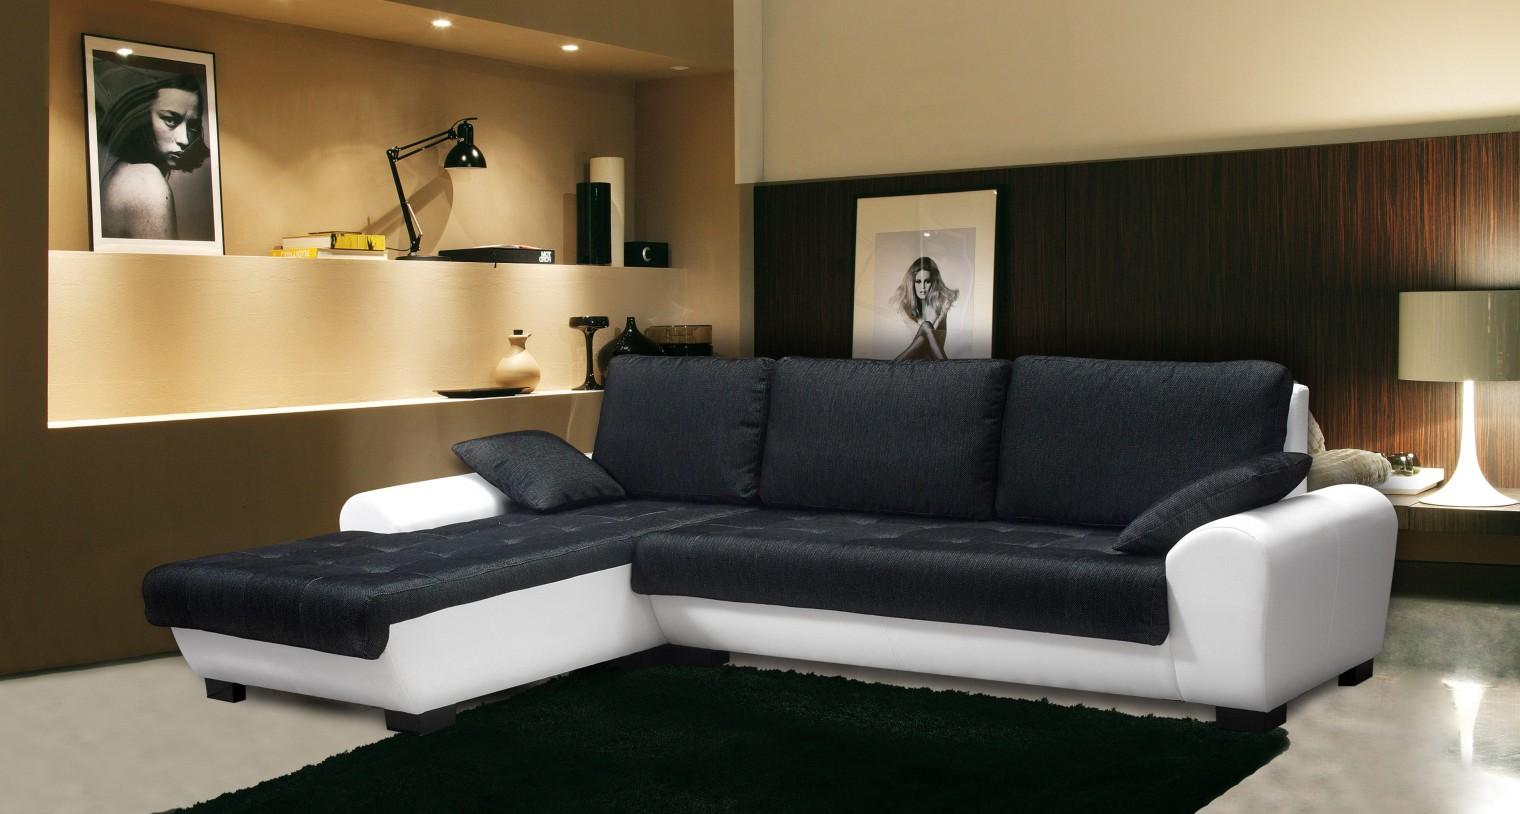 Bazár sedacie súprav Yvette - ľavý roh (savana black pvc white)